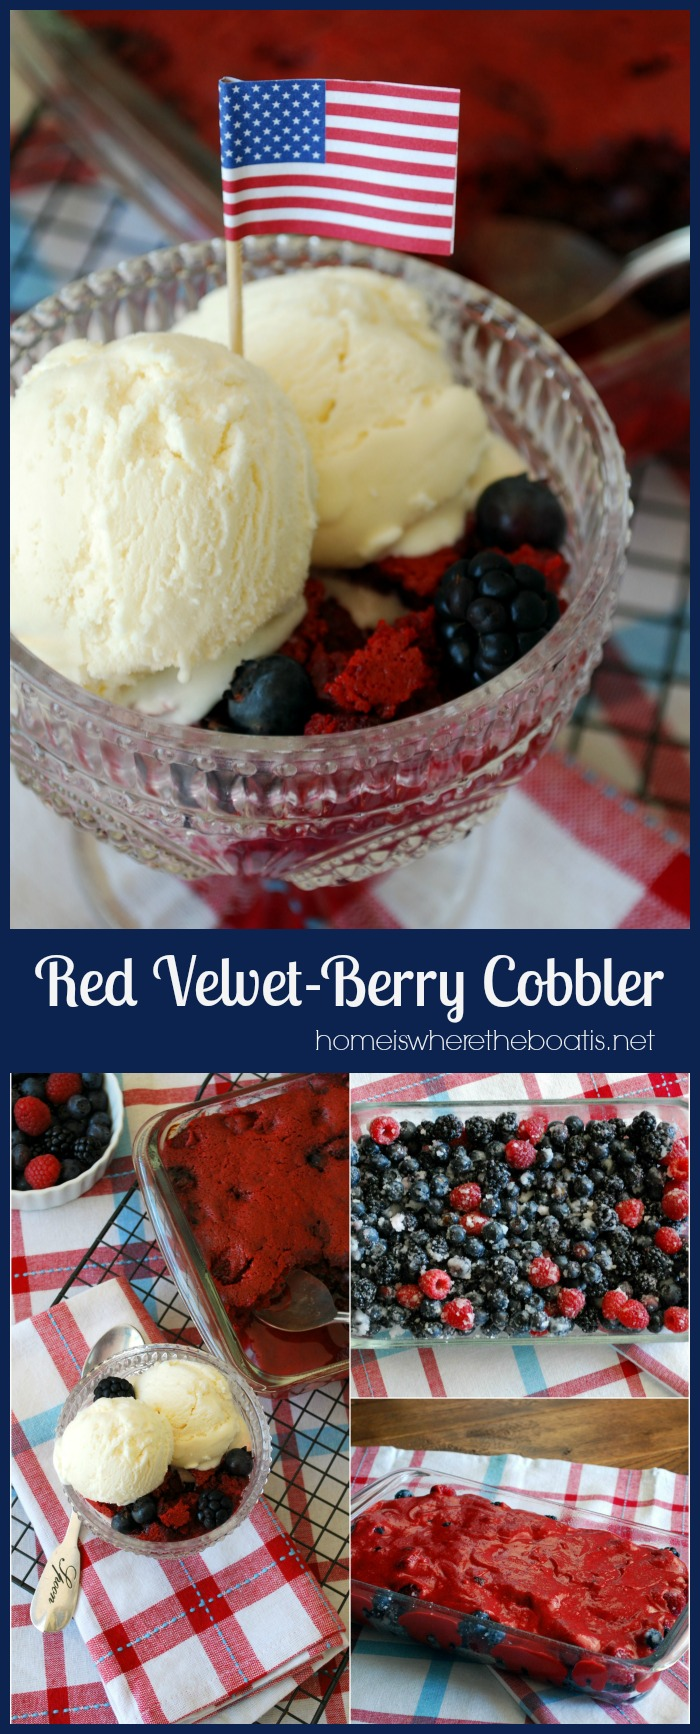 Red Velvet-Berry Cobbler